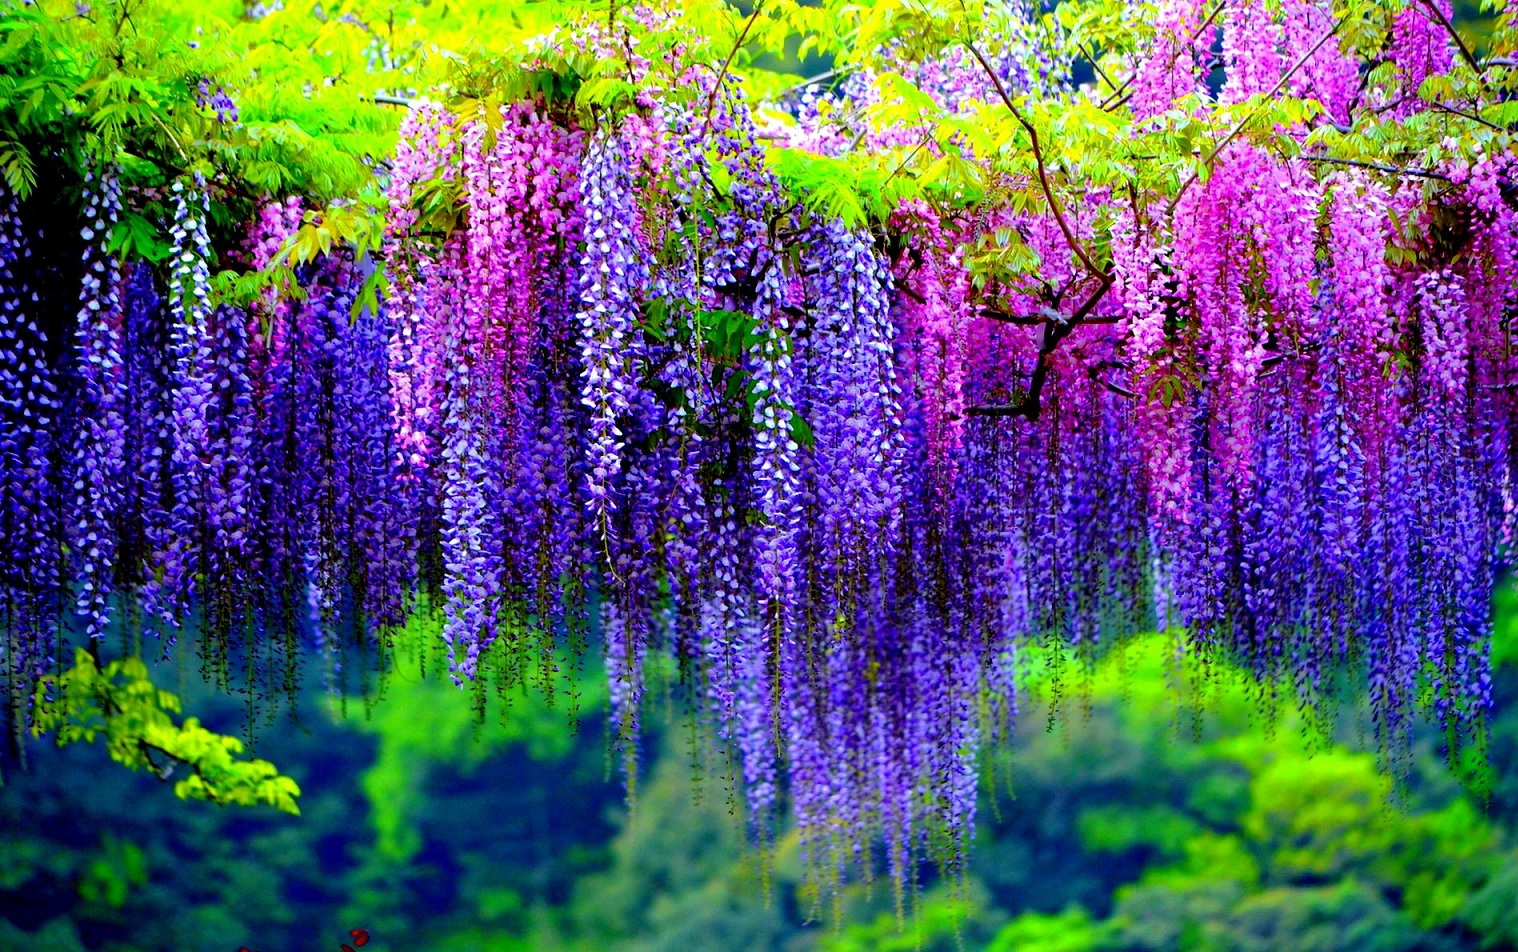 گیاهان آپارتمانی و فضای باز زیبا و خطرناک wisteria poisonous plants  وبلاگ wisteria poisonous plants